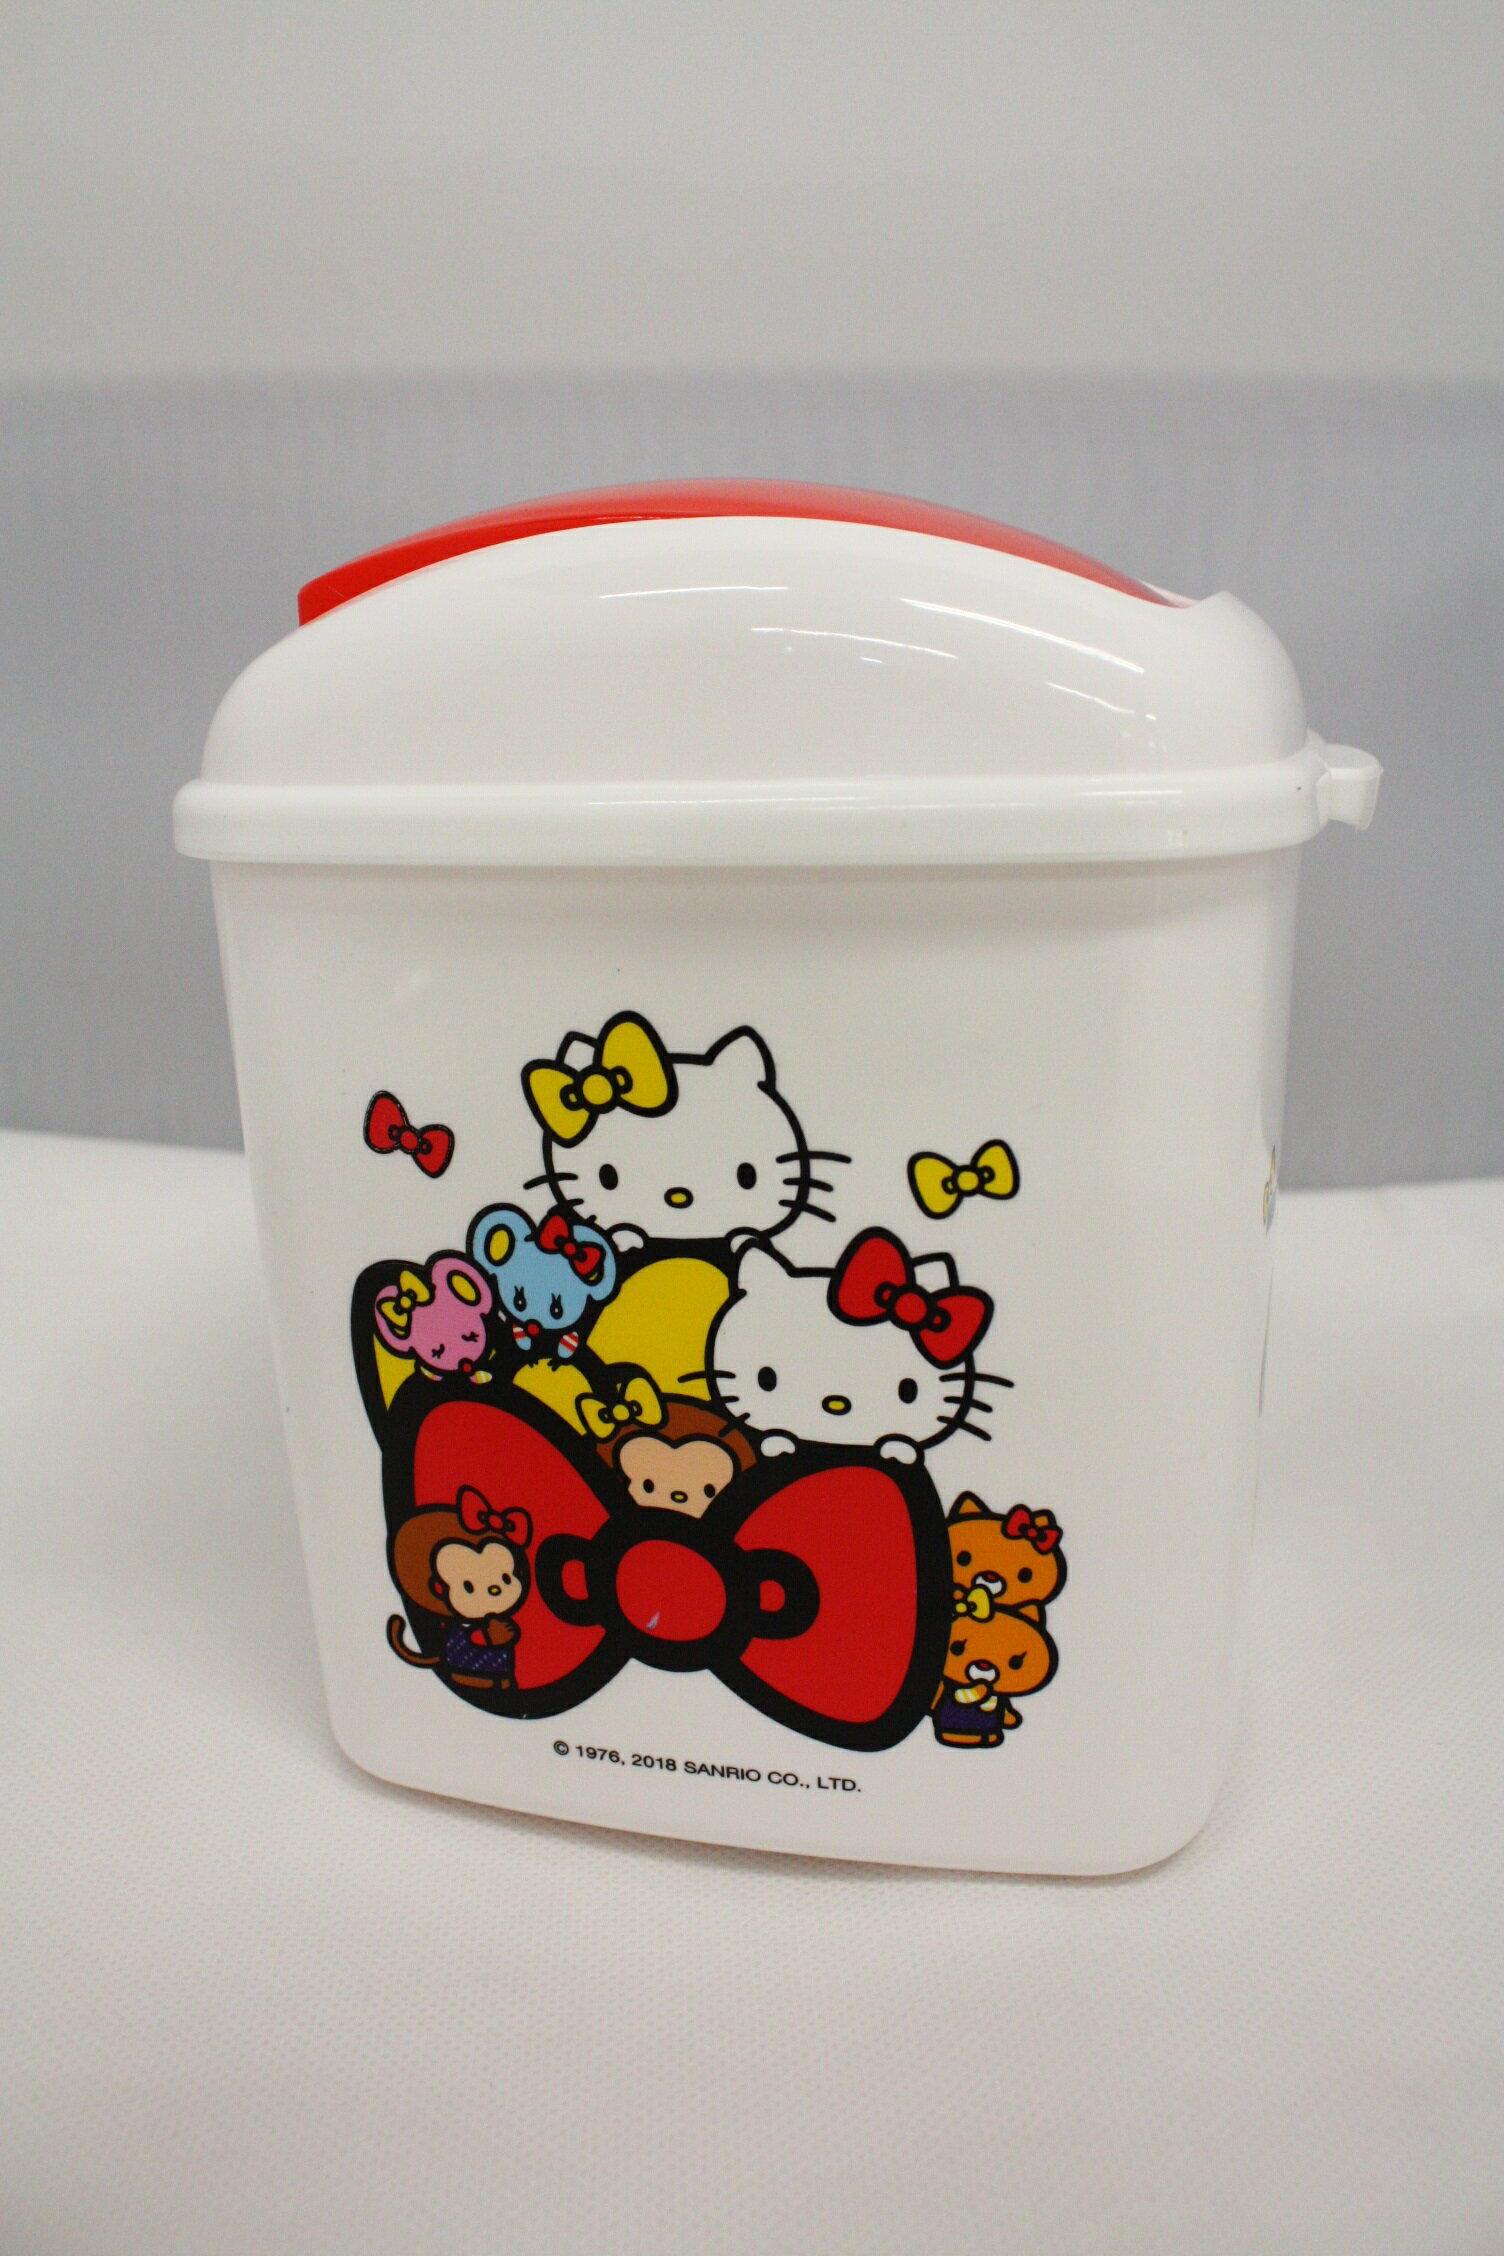 大賀屋 hello kitty 垃圾桶 置物桶 收納桶 方型 車用 垃圾筒 凱蒂貓 三麗鷗 正版授權 T00120225